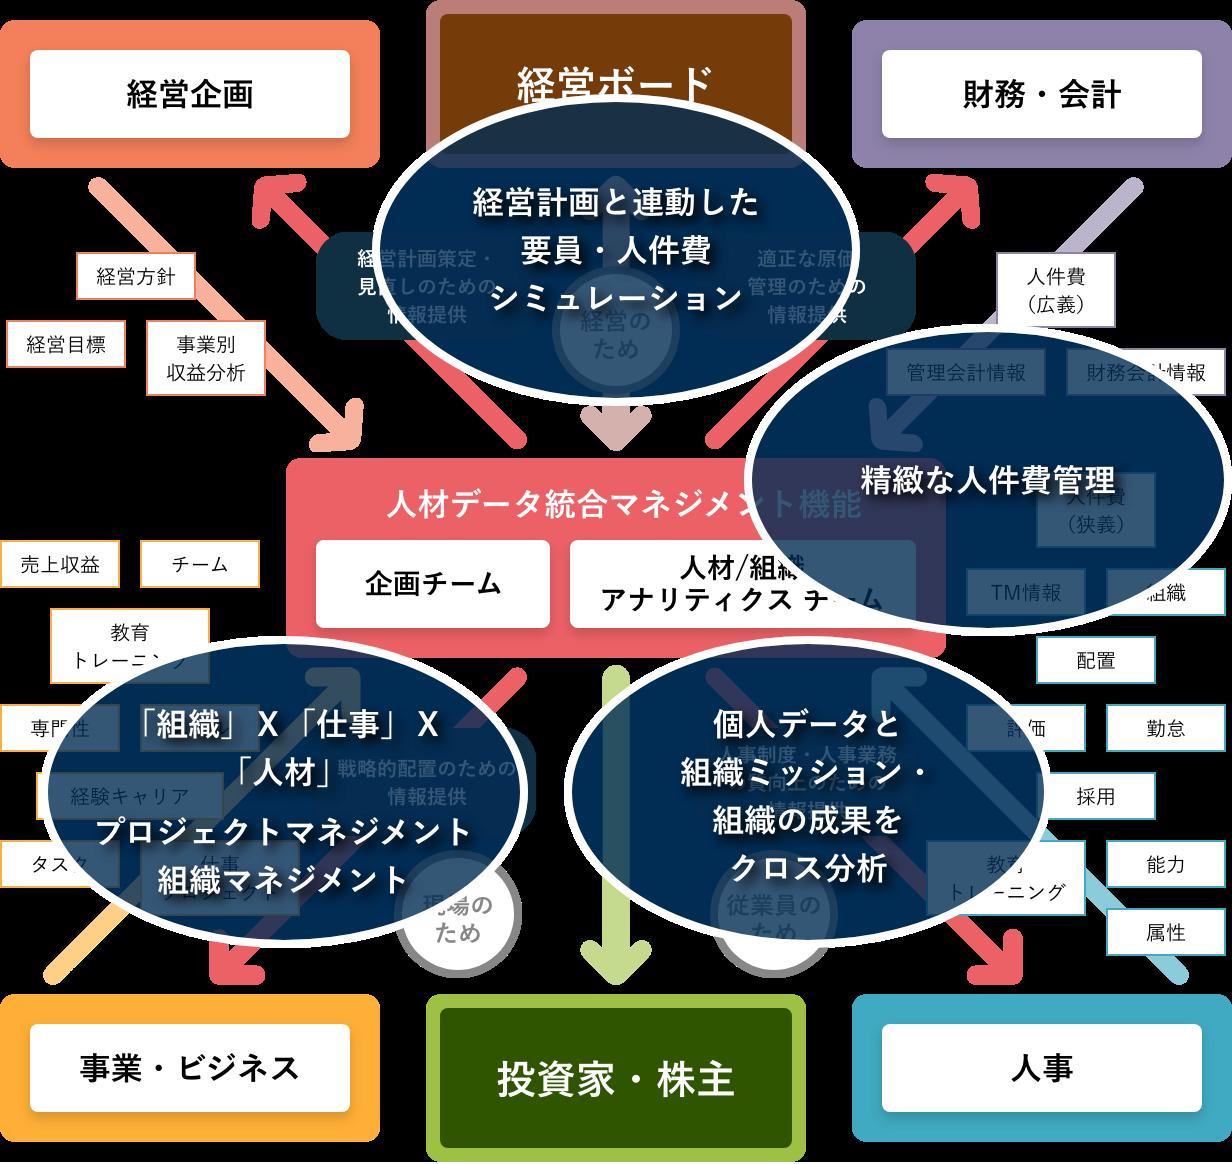 v3-image01.png